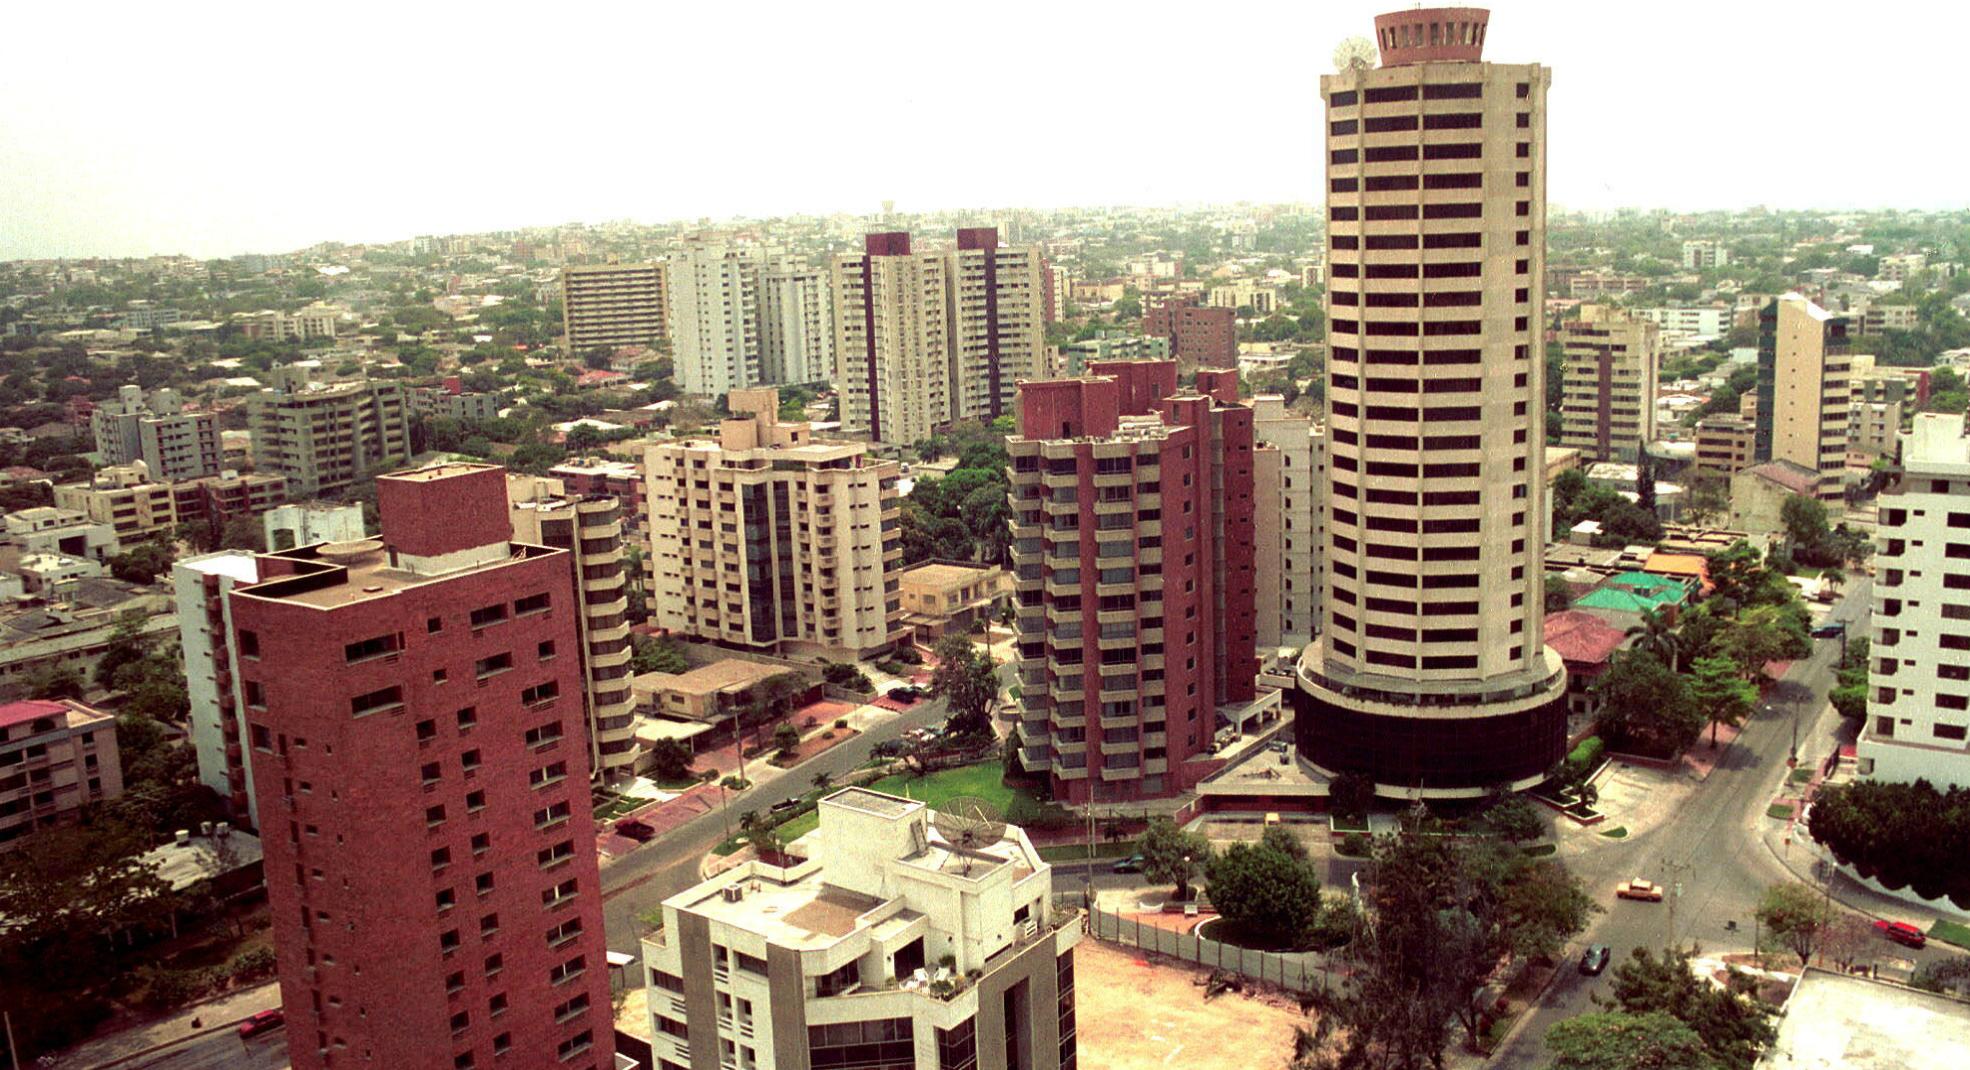 Vista general de la ciudad de Barranquilla. EFE/LUIS RAMIREZ